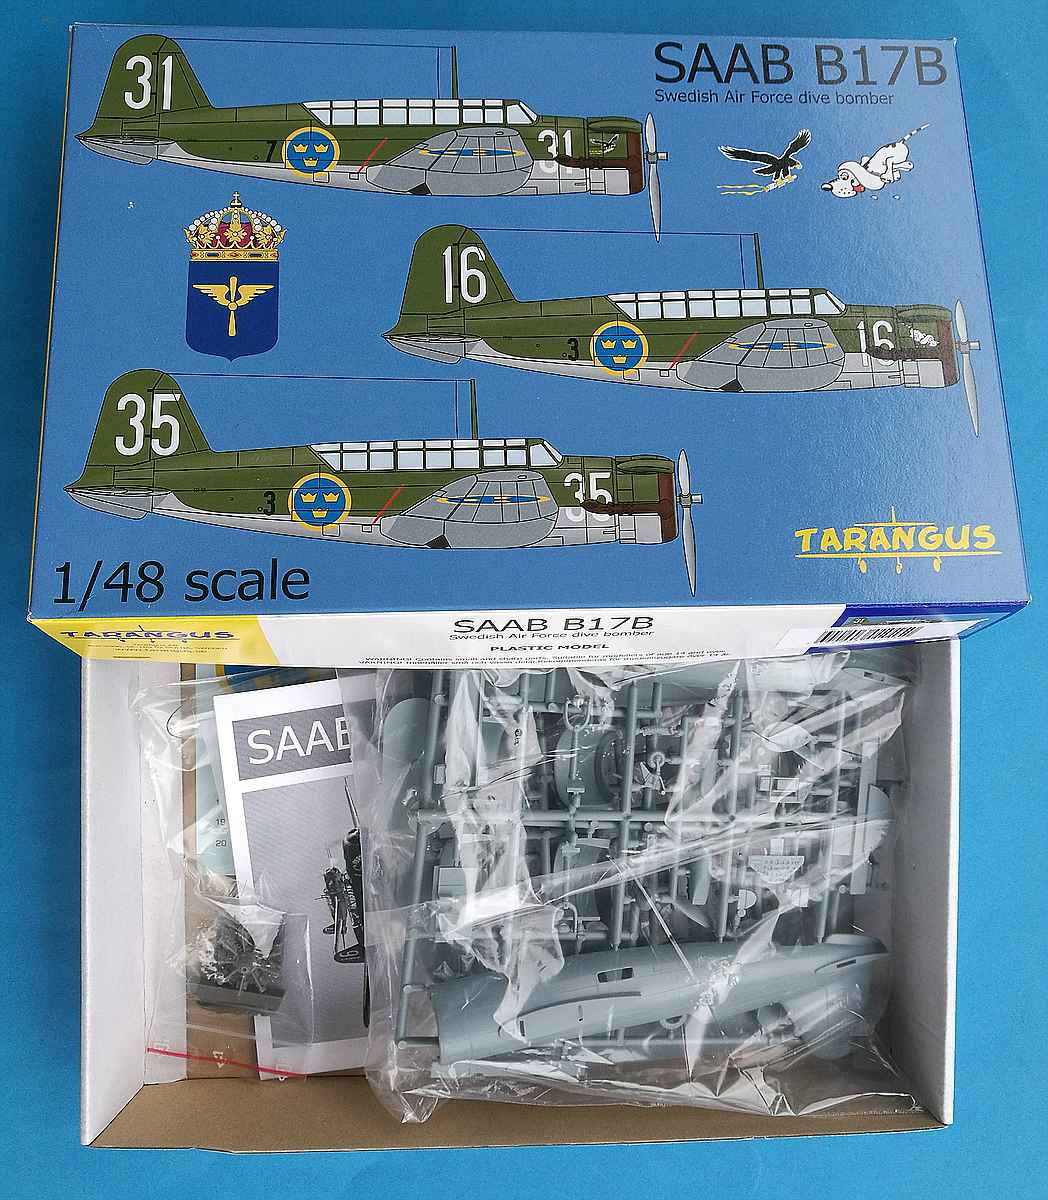 Tarangus-TA-4810-SAAB-B-17B-1 SAAB B-17B in 1:48 von Tarangus #TA 4810